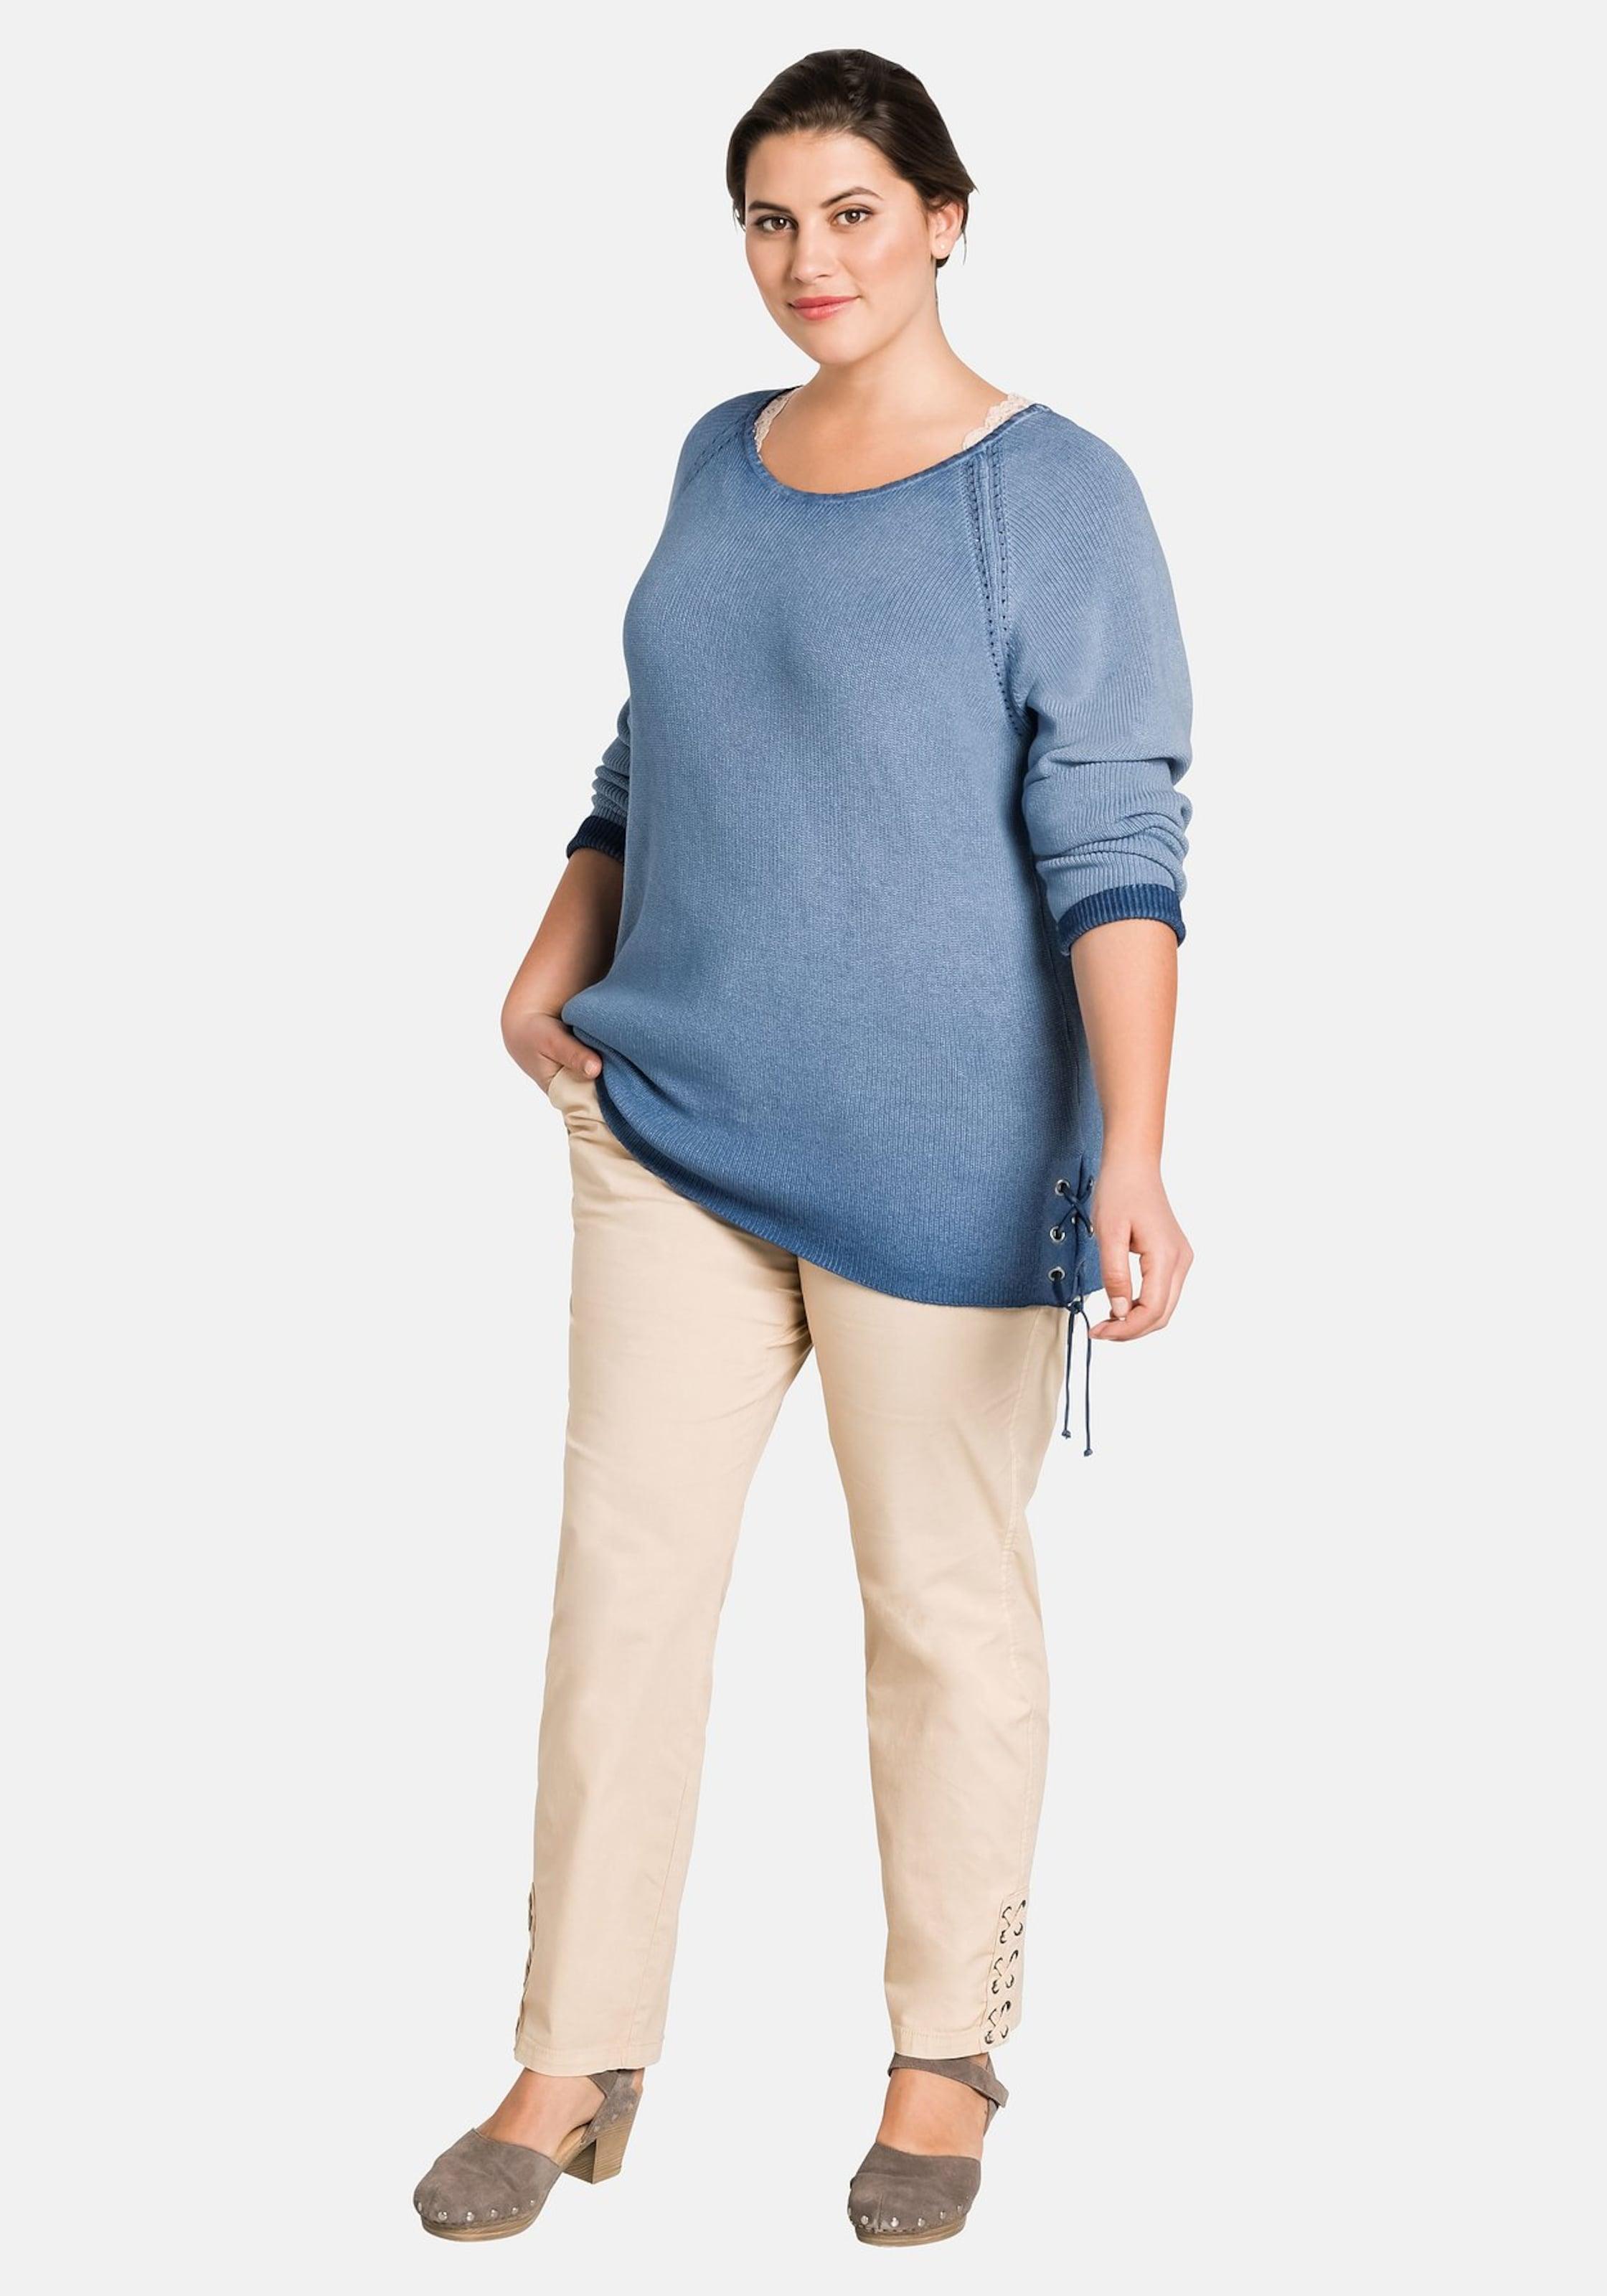 Pullover Rauchblau Pullover In Sheego In Rauchblau Sheego Sheego eodxrBQCW